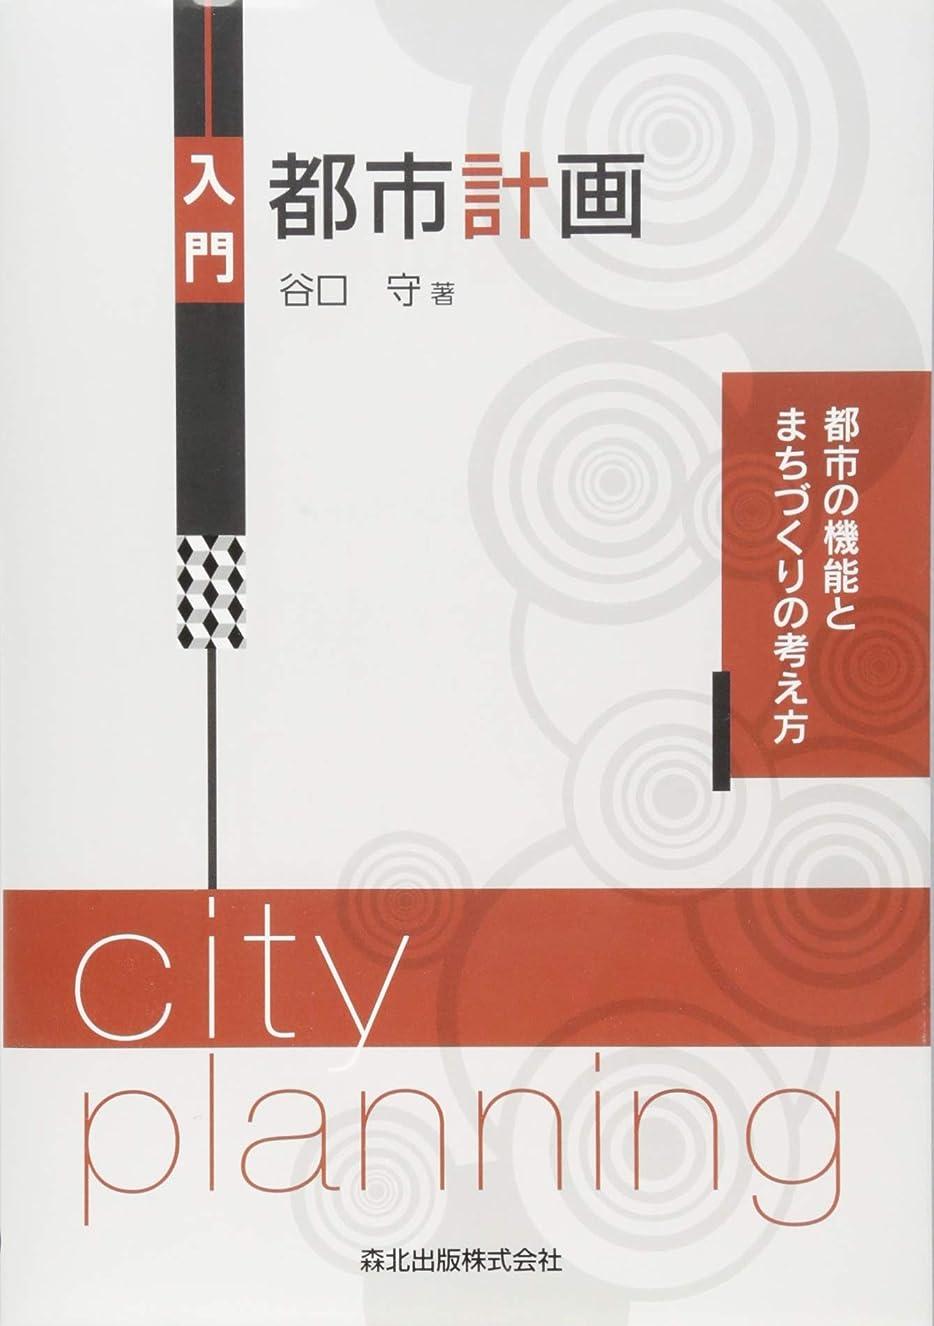 ステッチ地域計り知れない入門 都市計画-都市の機能とまちづくりの考え方-